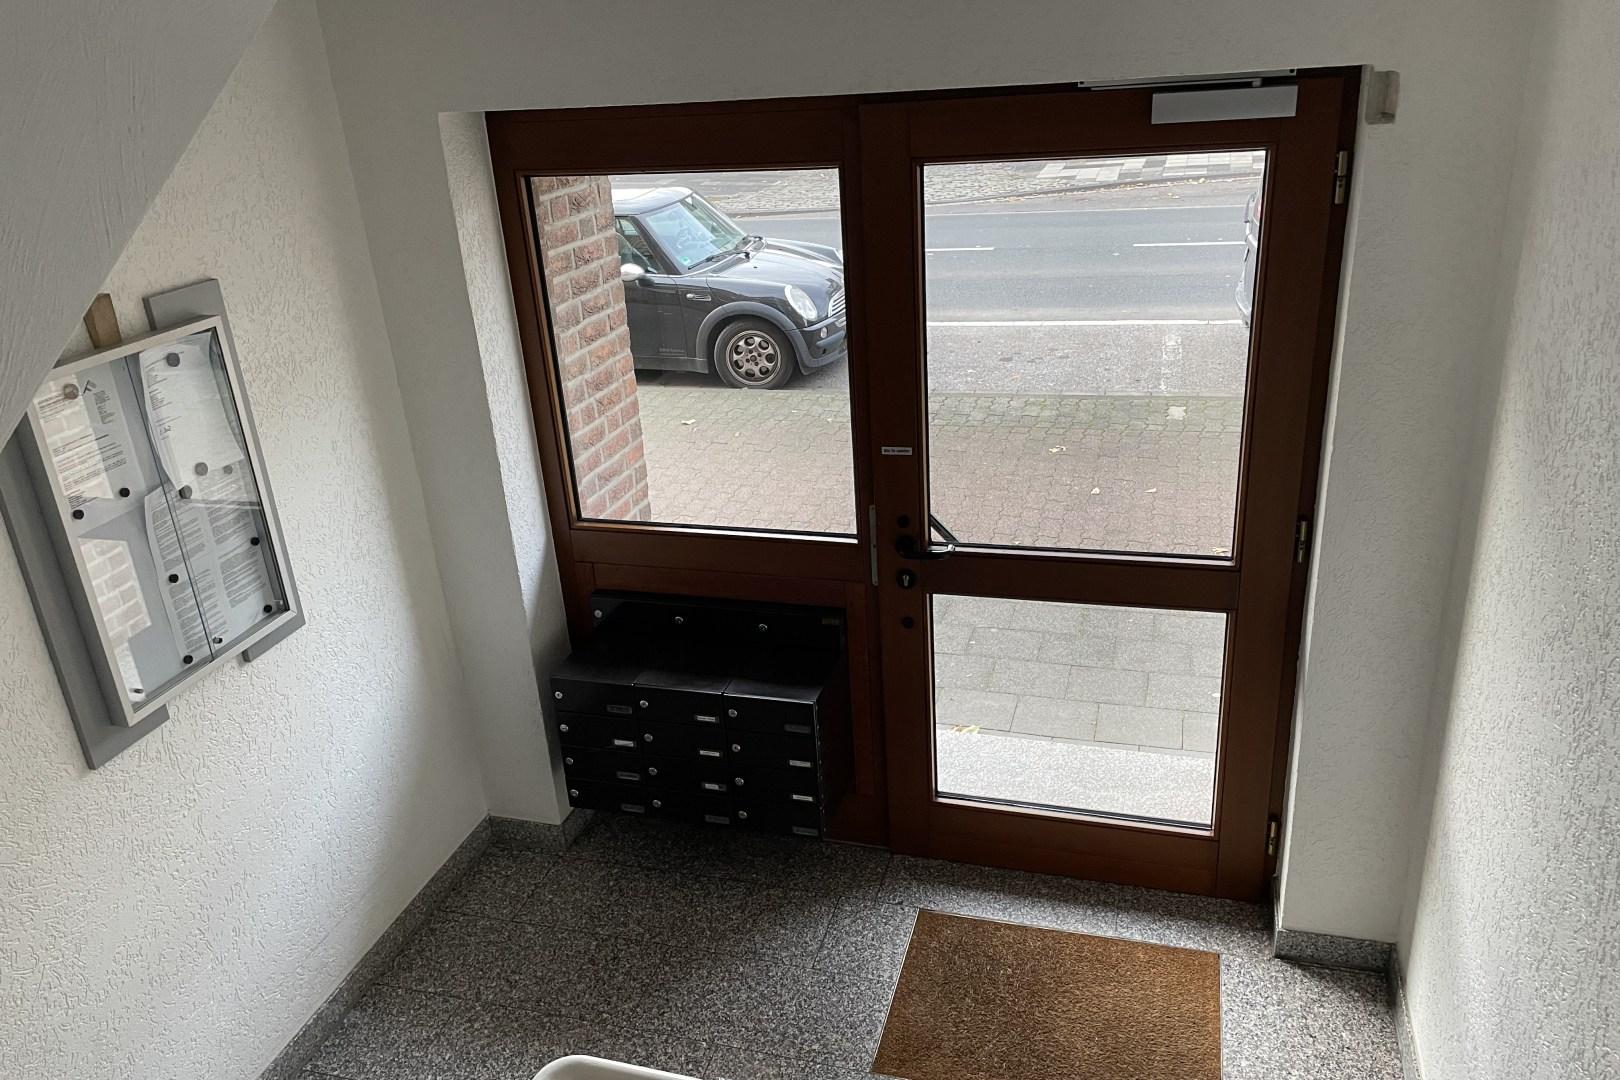 Immobilie Nr.0258 - 2-Zimmerwohnung  - Bild 3.jpg